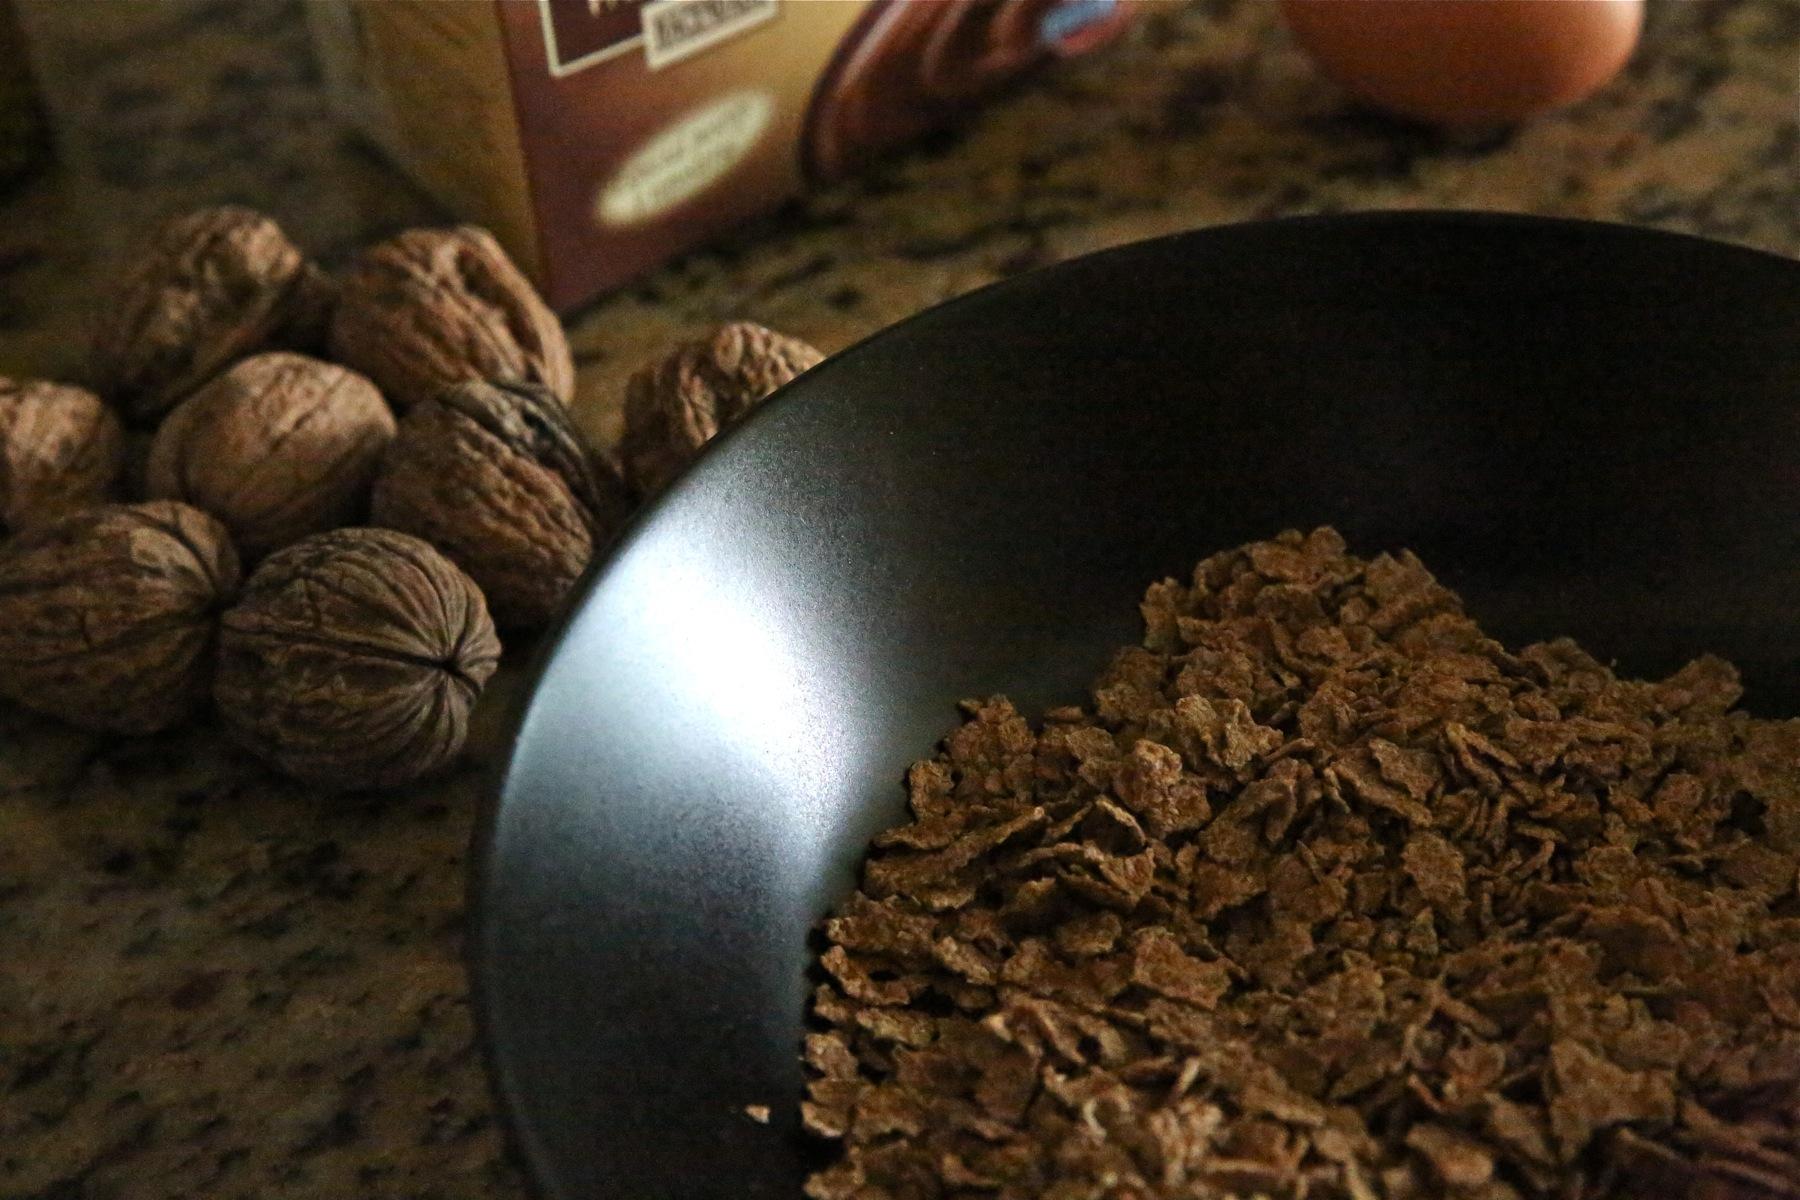 Receta de barritas de allbran y chips de chocolate caseras